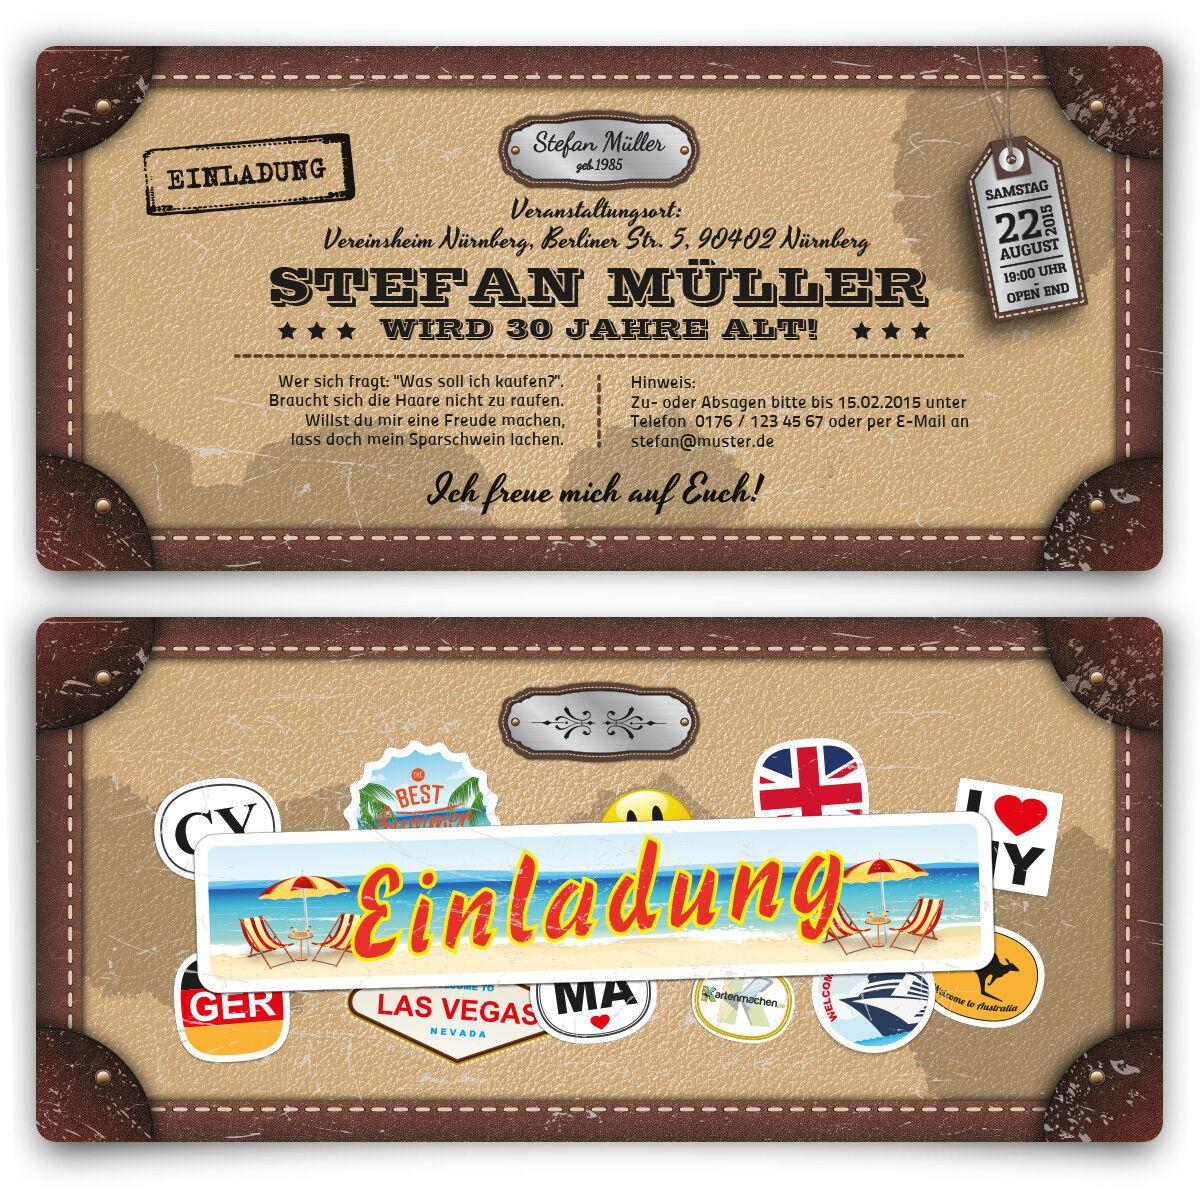 Einladungskarten zum Geburtstag als Reisekoffer im Alt Leder Vintage Look Karte | Hohe Qualität Und Geringen Overhead  | Authentisch